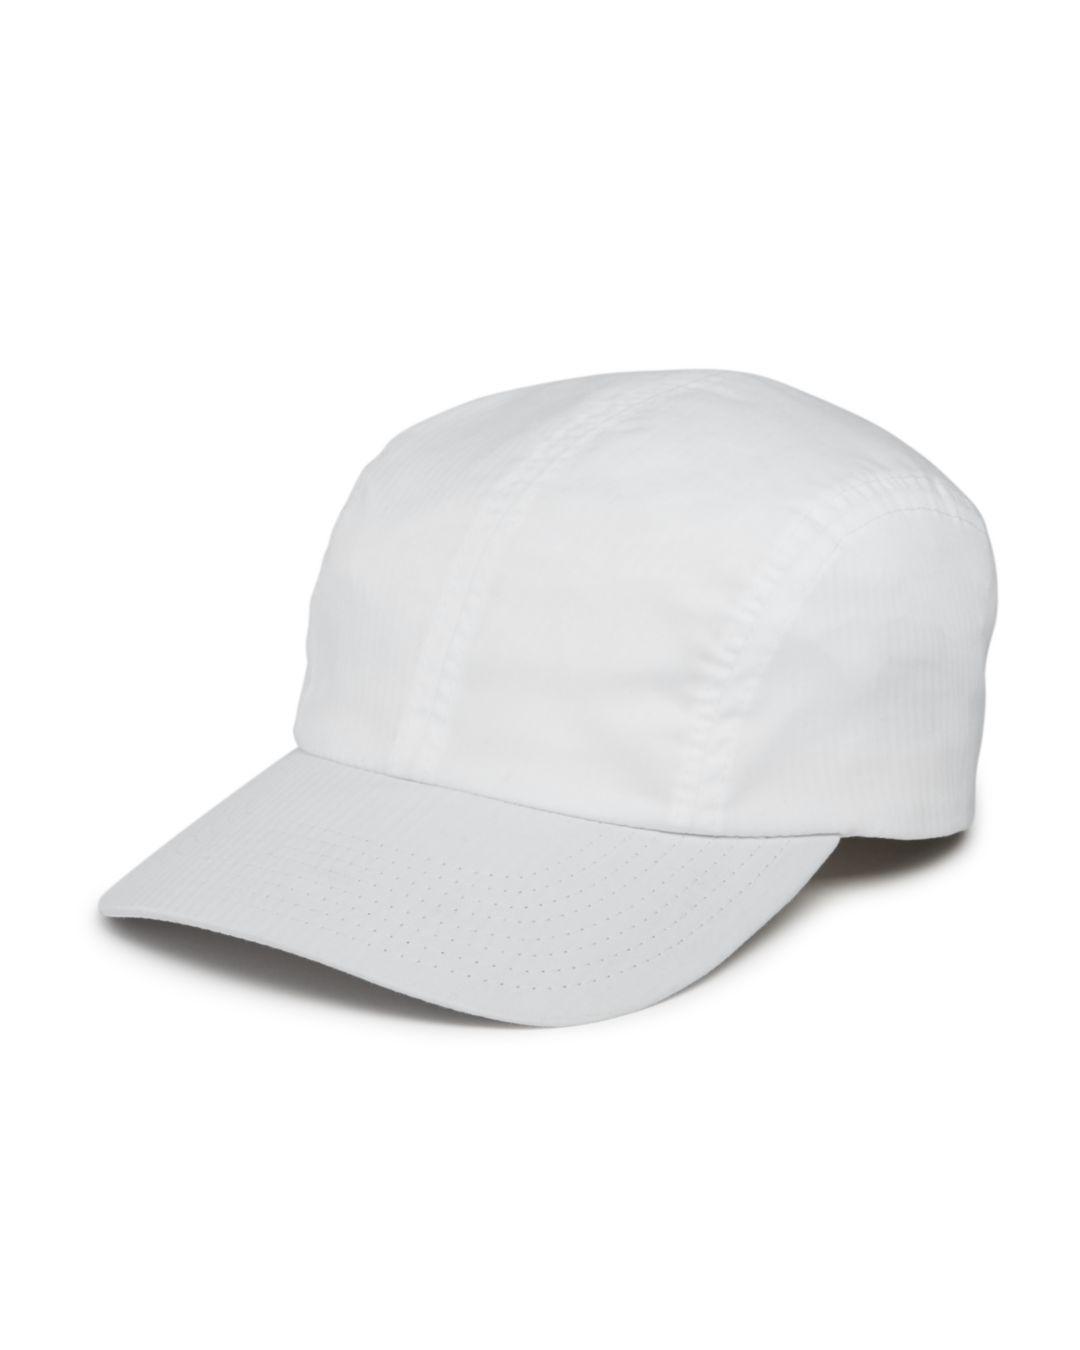 8d3899db0 Lyst - KTZ Lightweight Baseball Cap in White for Men